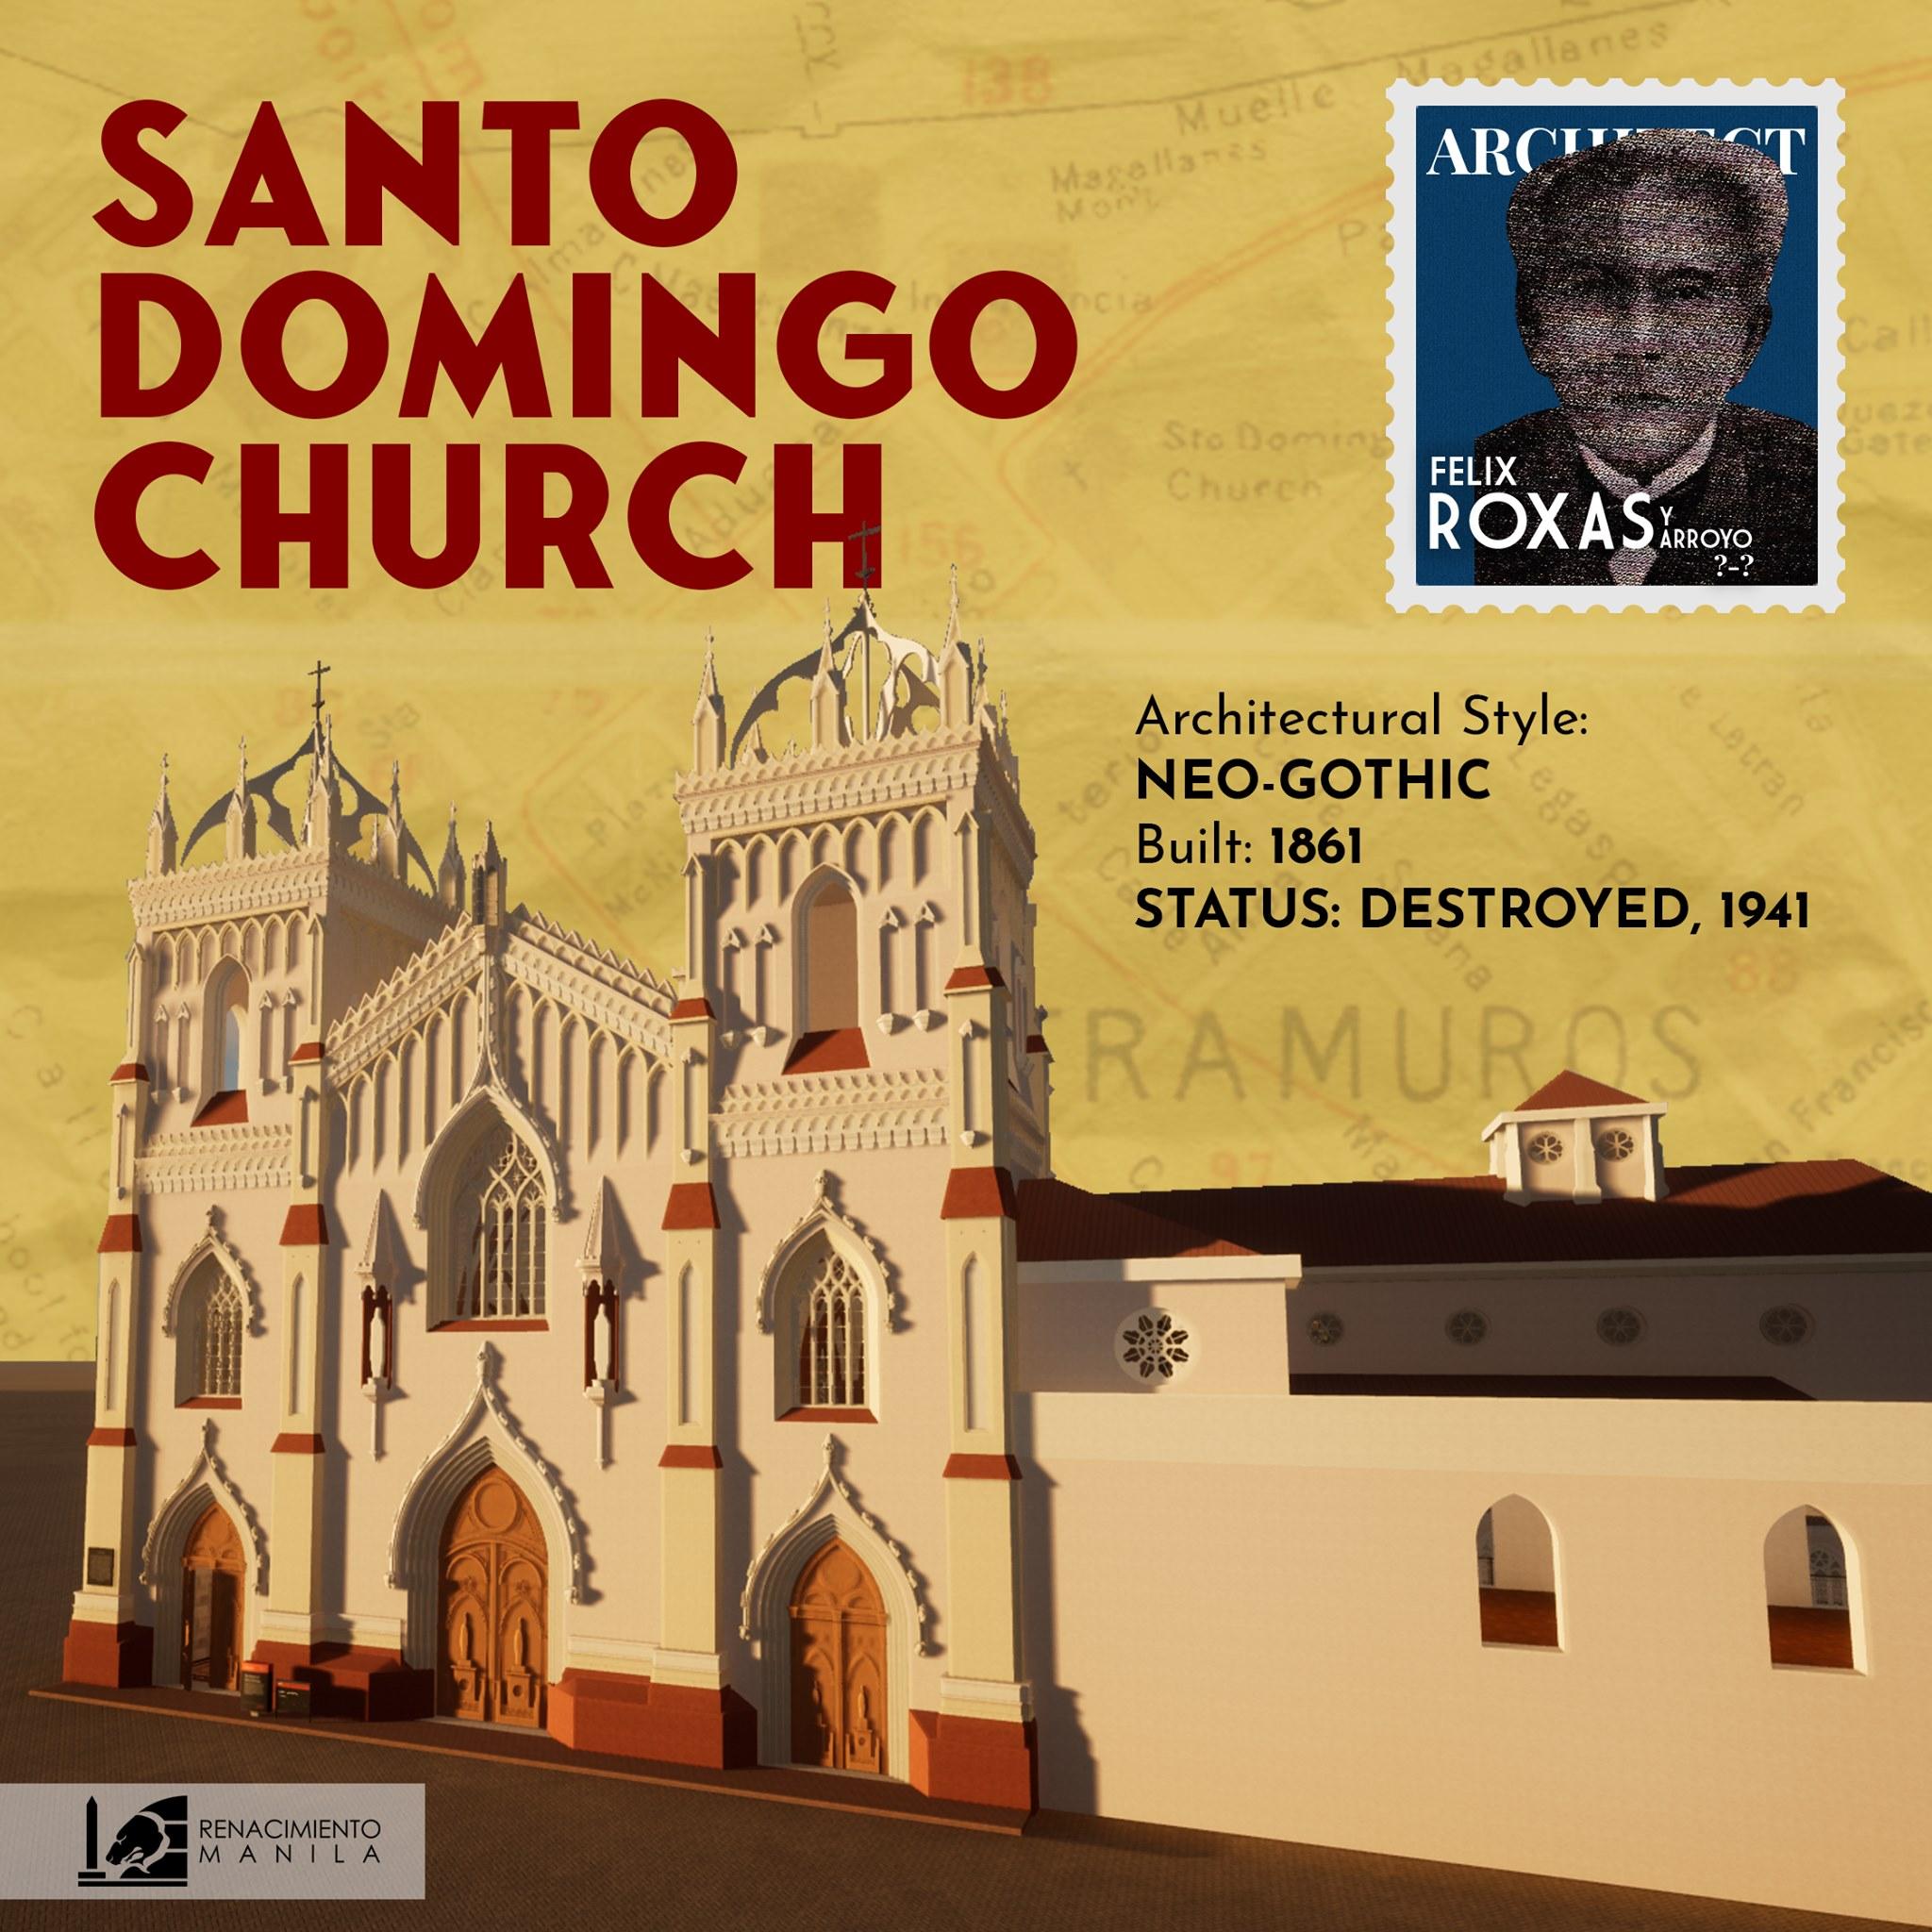 Santo Domingo Church - Felix Roxas y Arroyo (1823-1887)